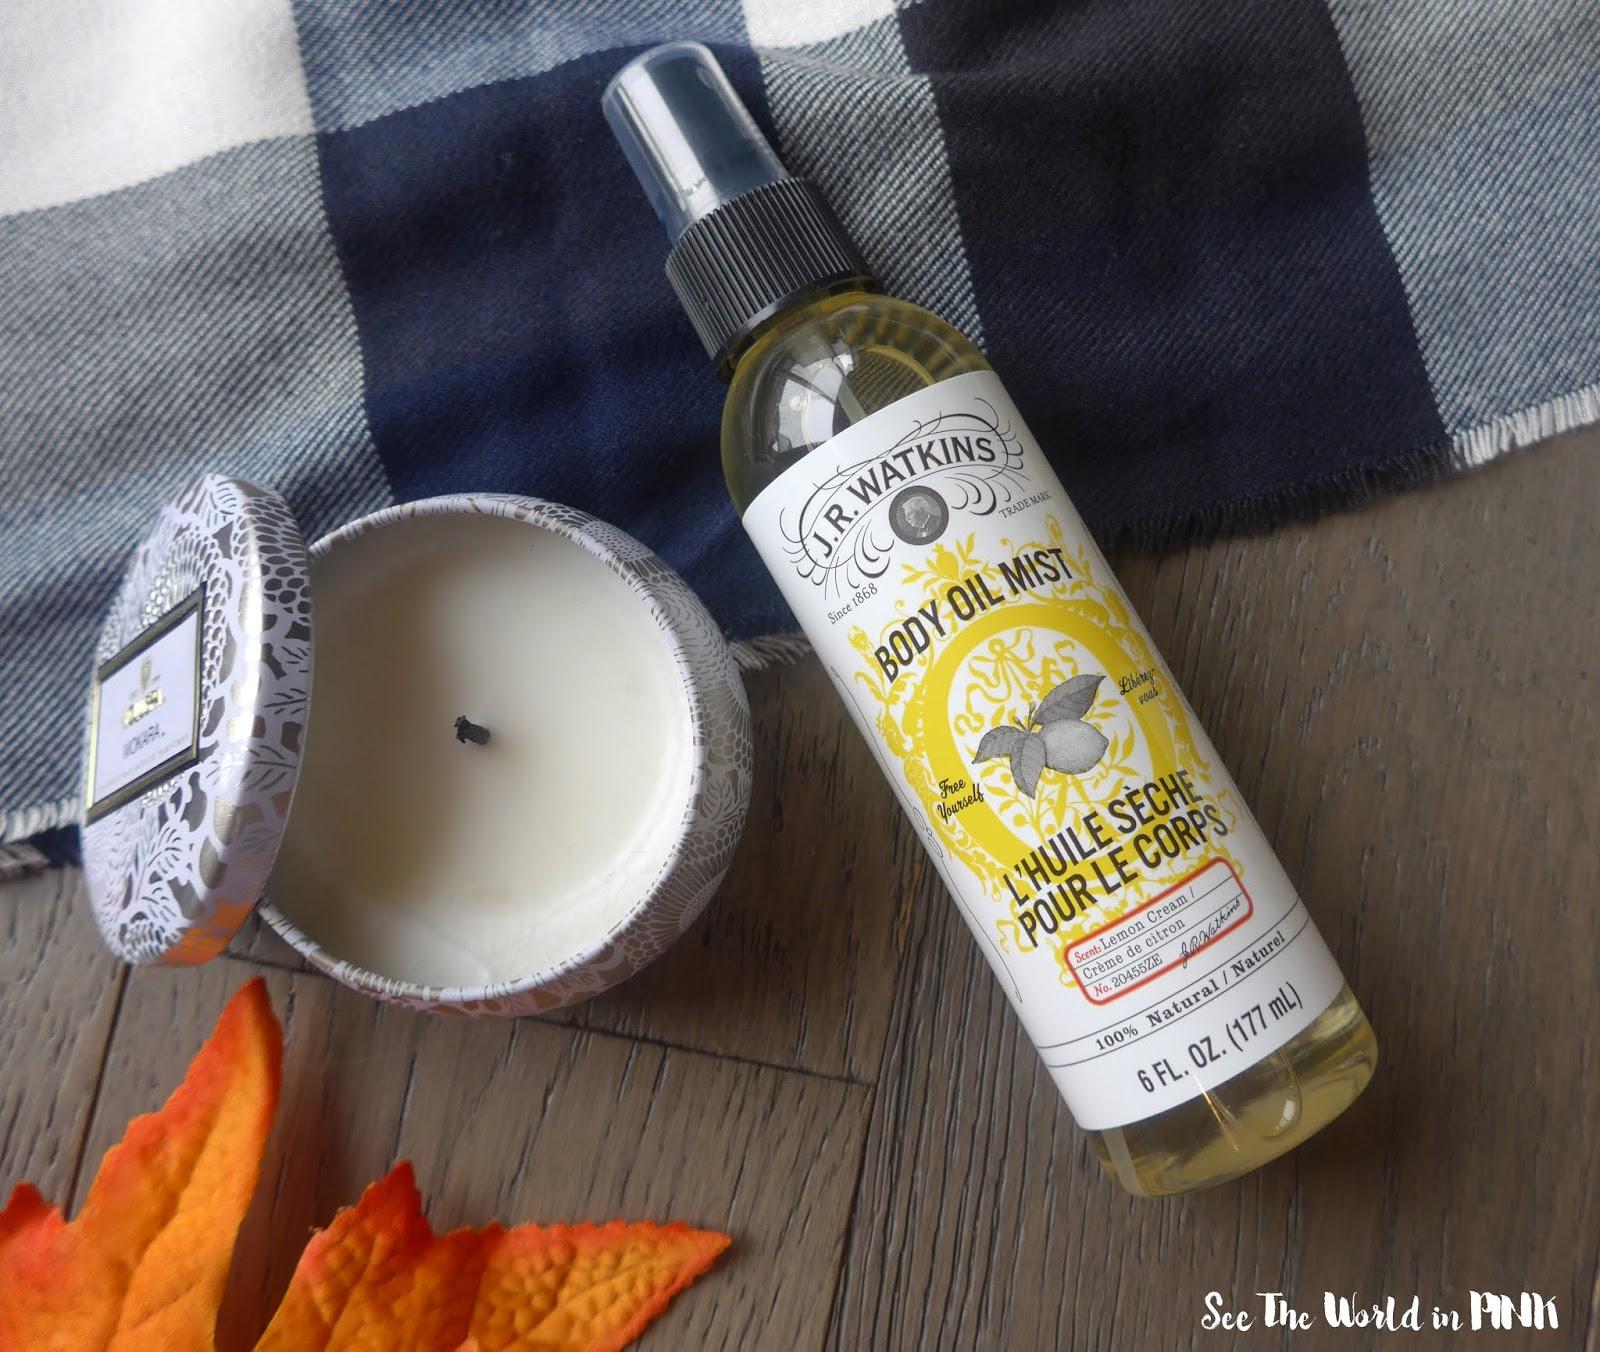 JR Watkins Lemon Cream Body Oil Mist